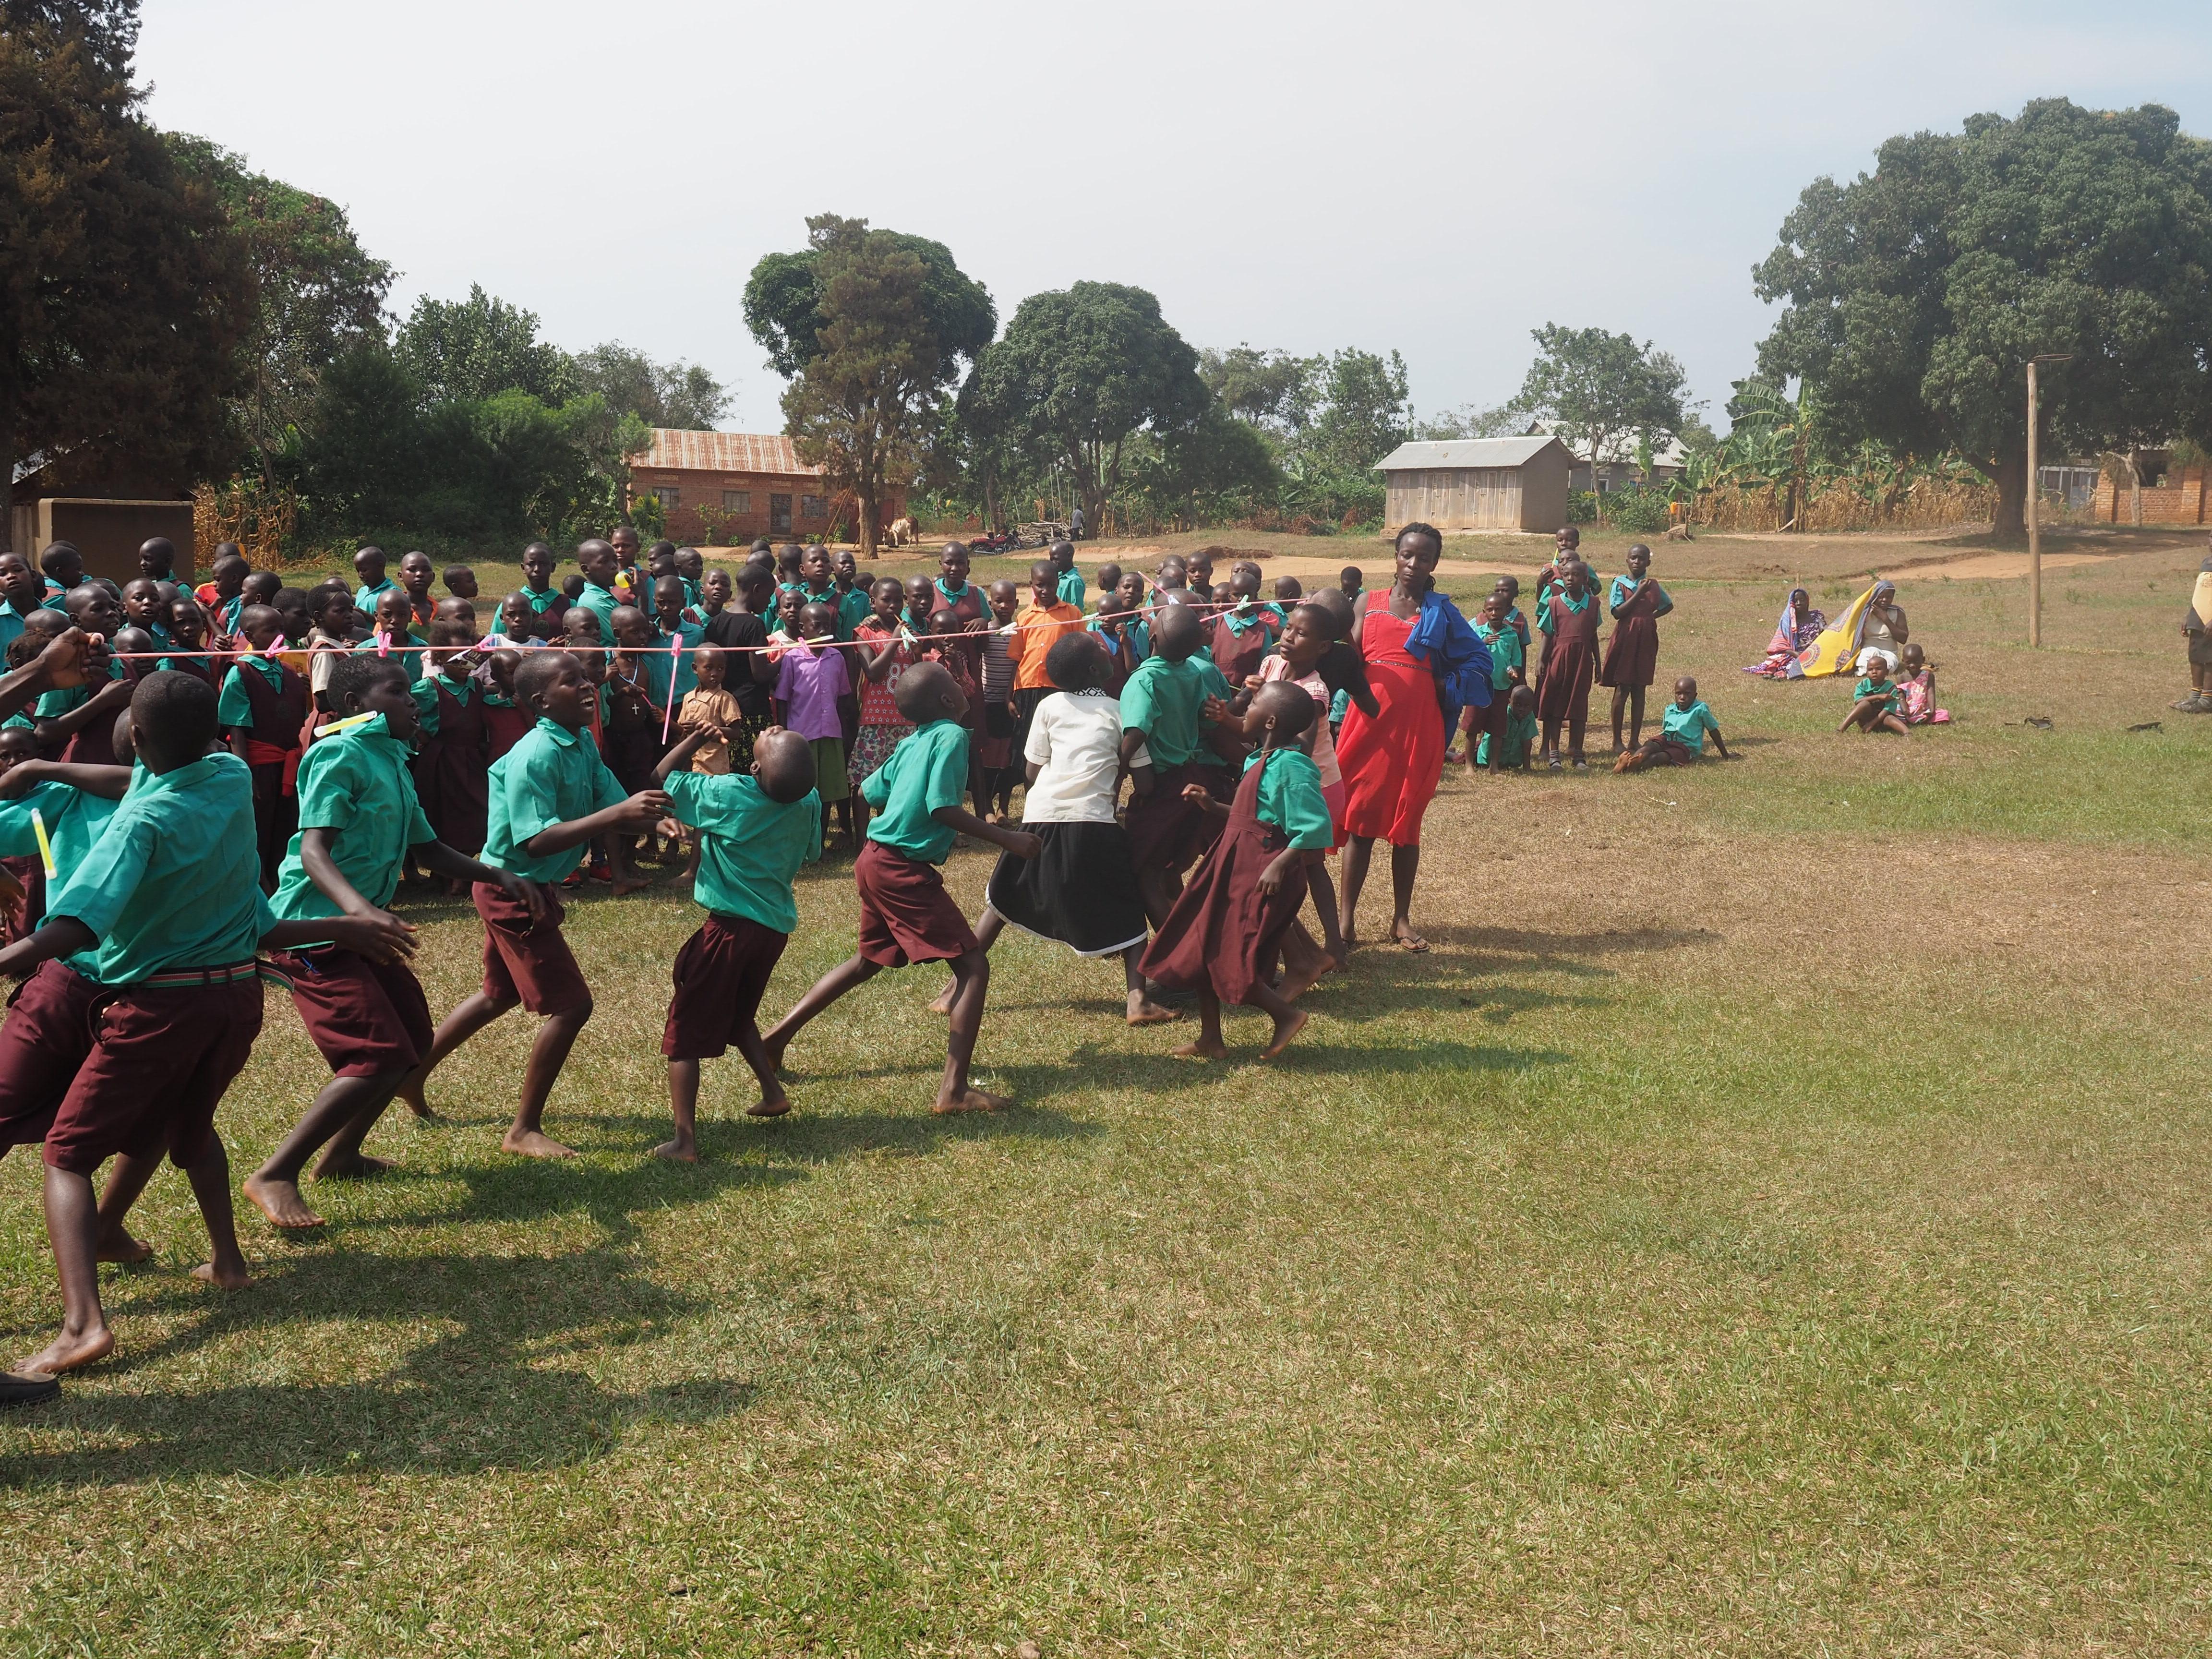 【ウガンダ旅行2日目】学校訪問とパーティー